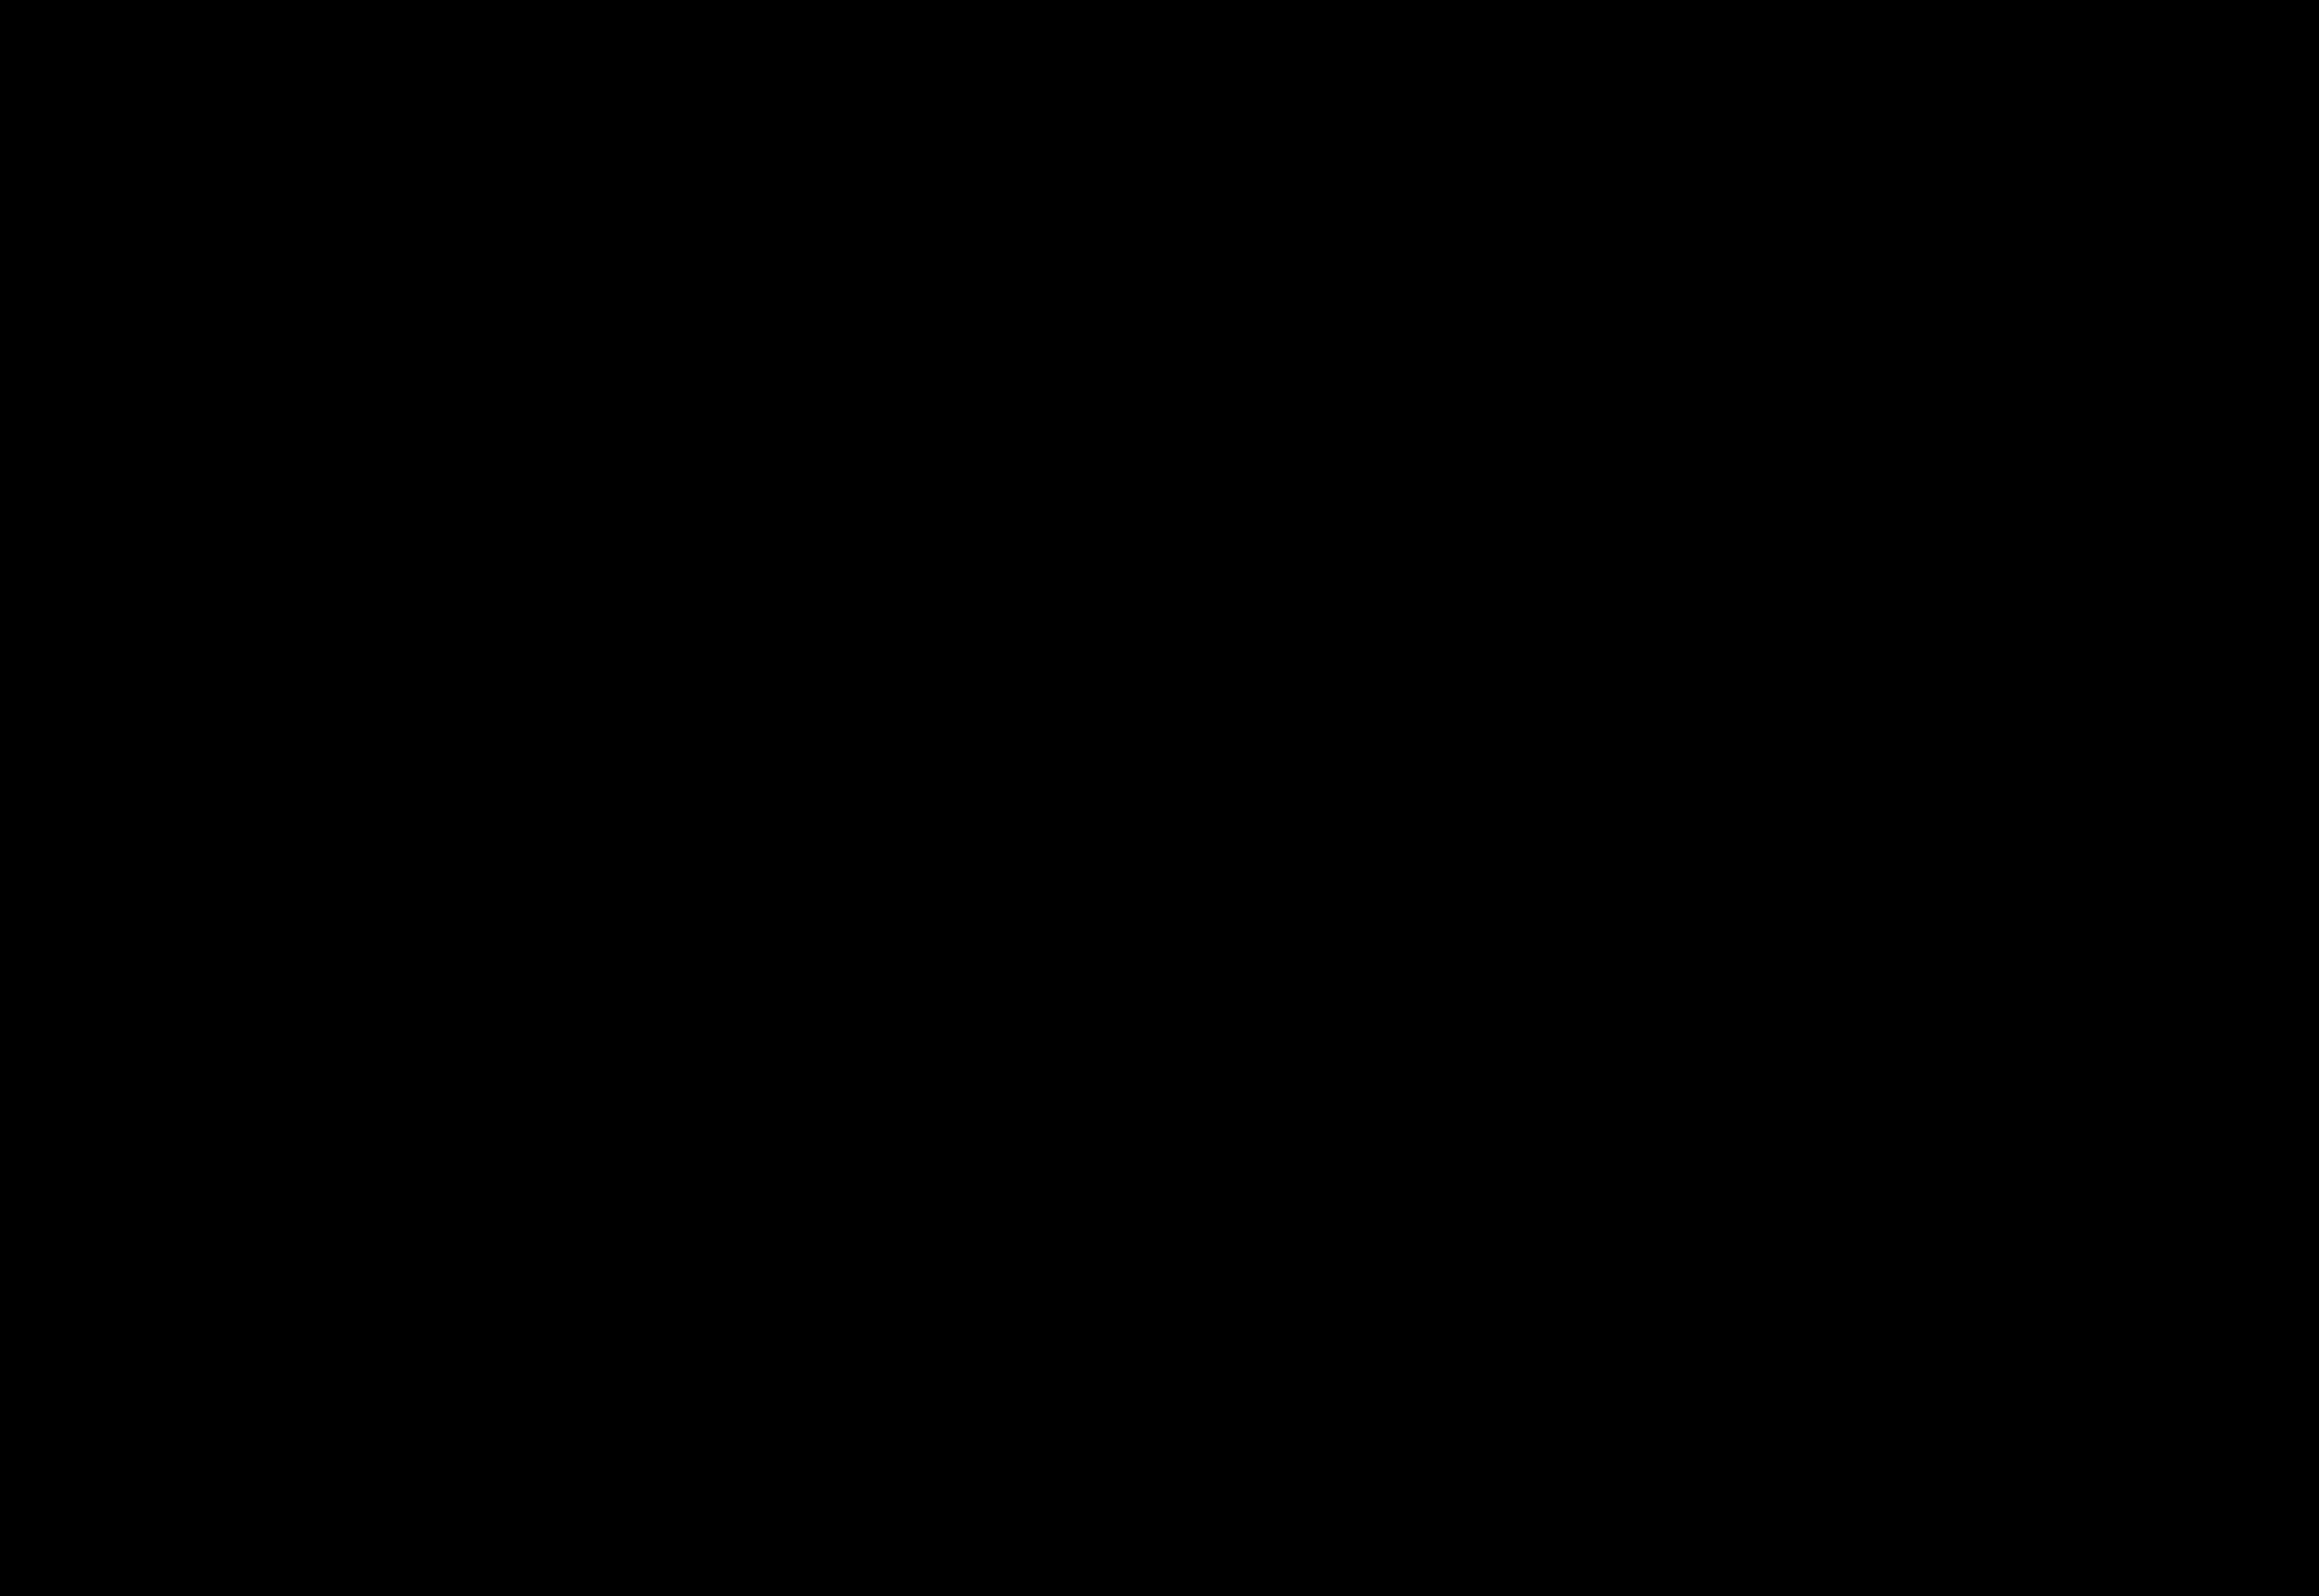 Ala 226 Functional Diagrams Konsept Diyagrami Yerlesim Plani Kentsel Tasarim Semasi